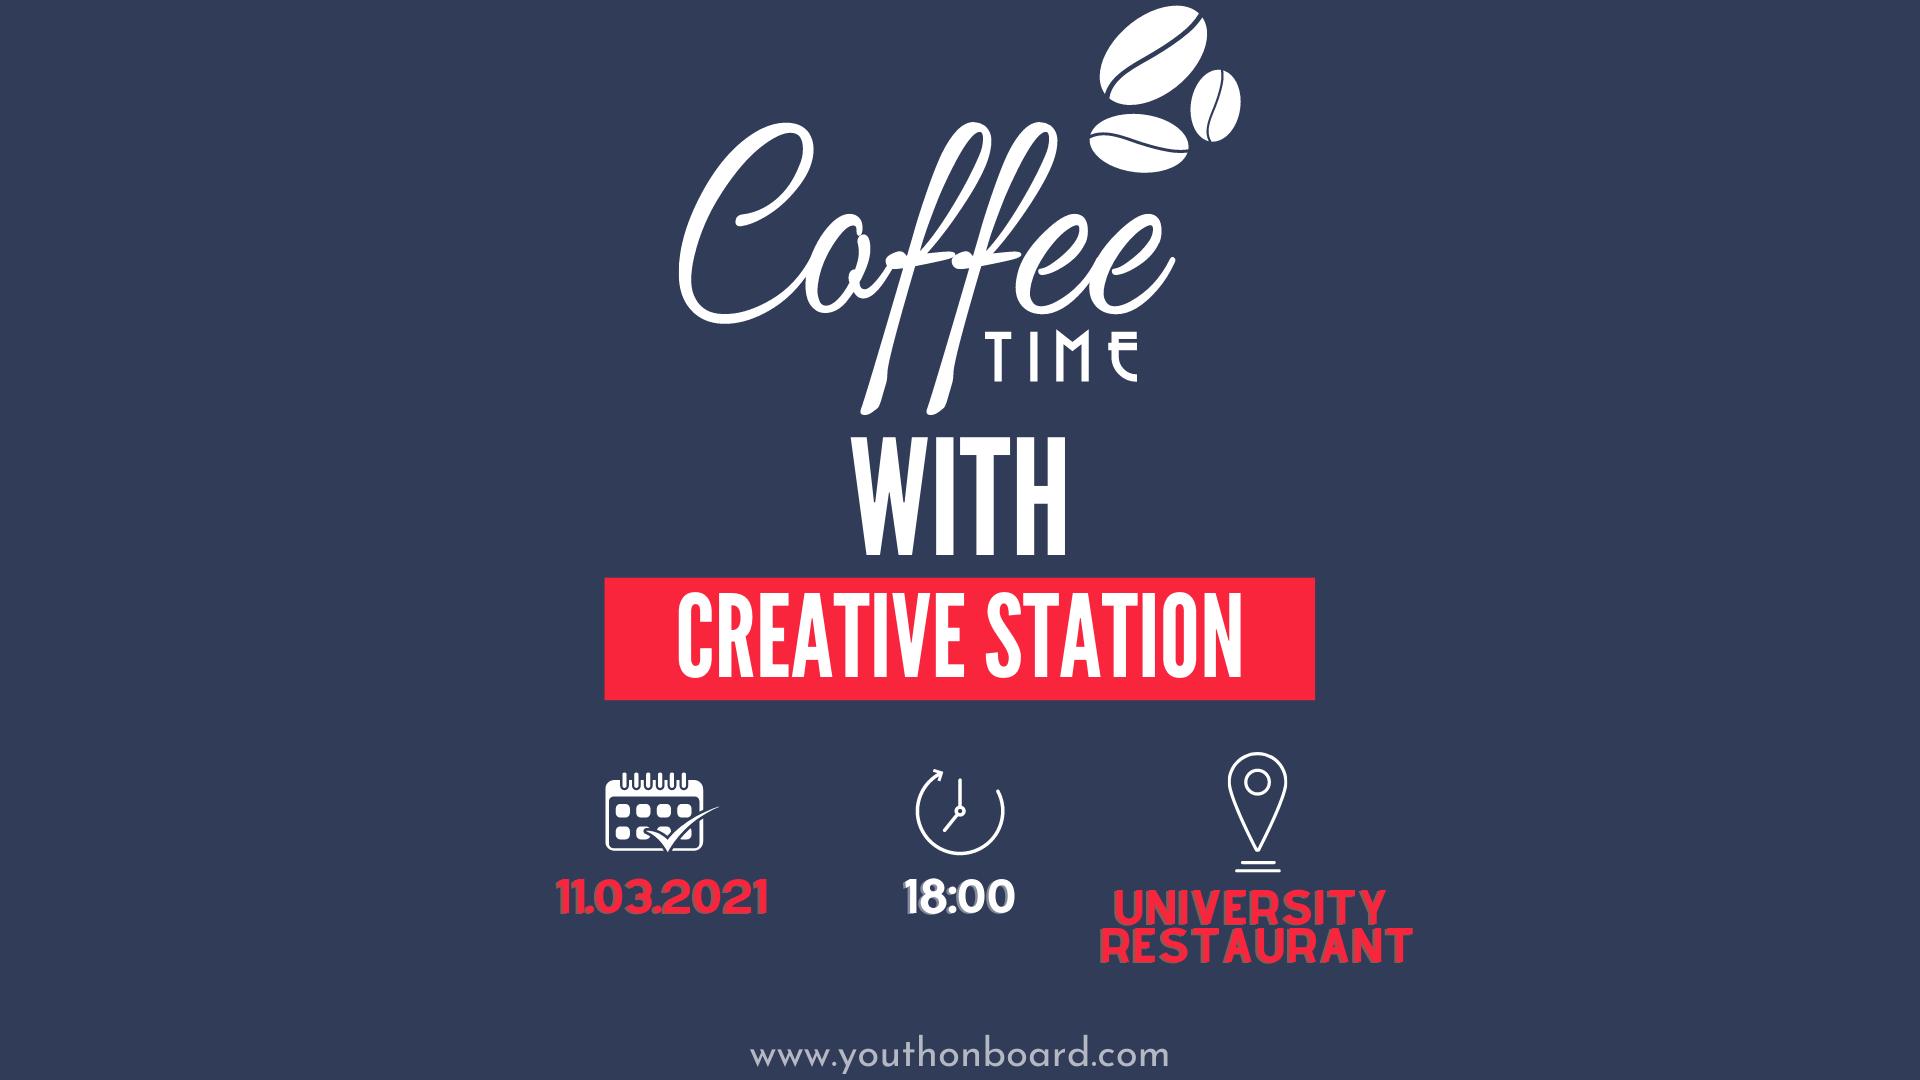 На кафе со Креативна Станица